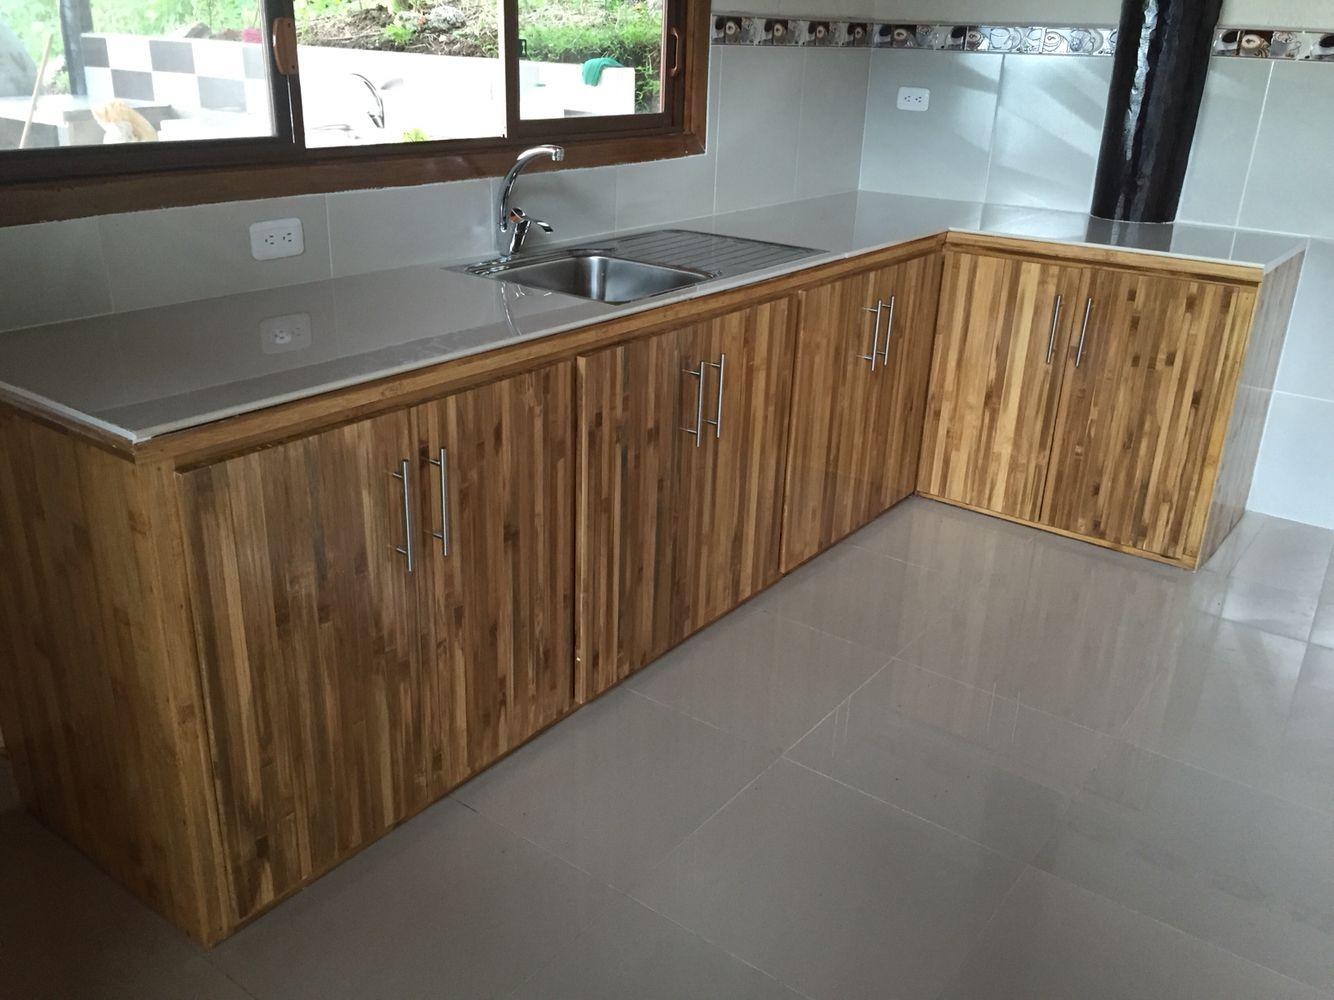 Mueble de cocina en bambú | Bambú | Pinterest | Bambú, Muebles de ...